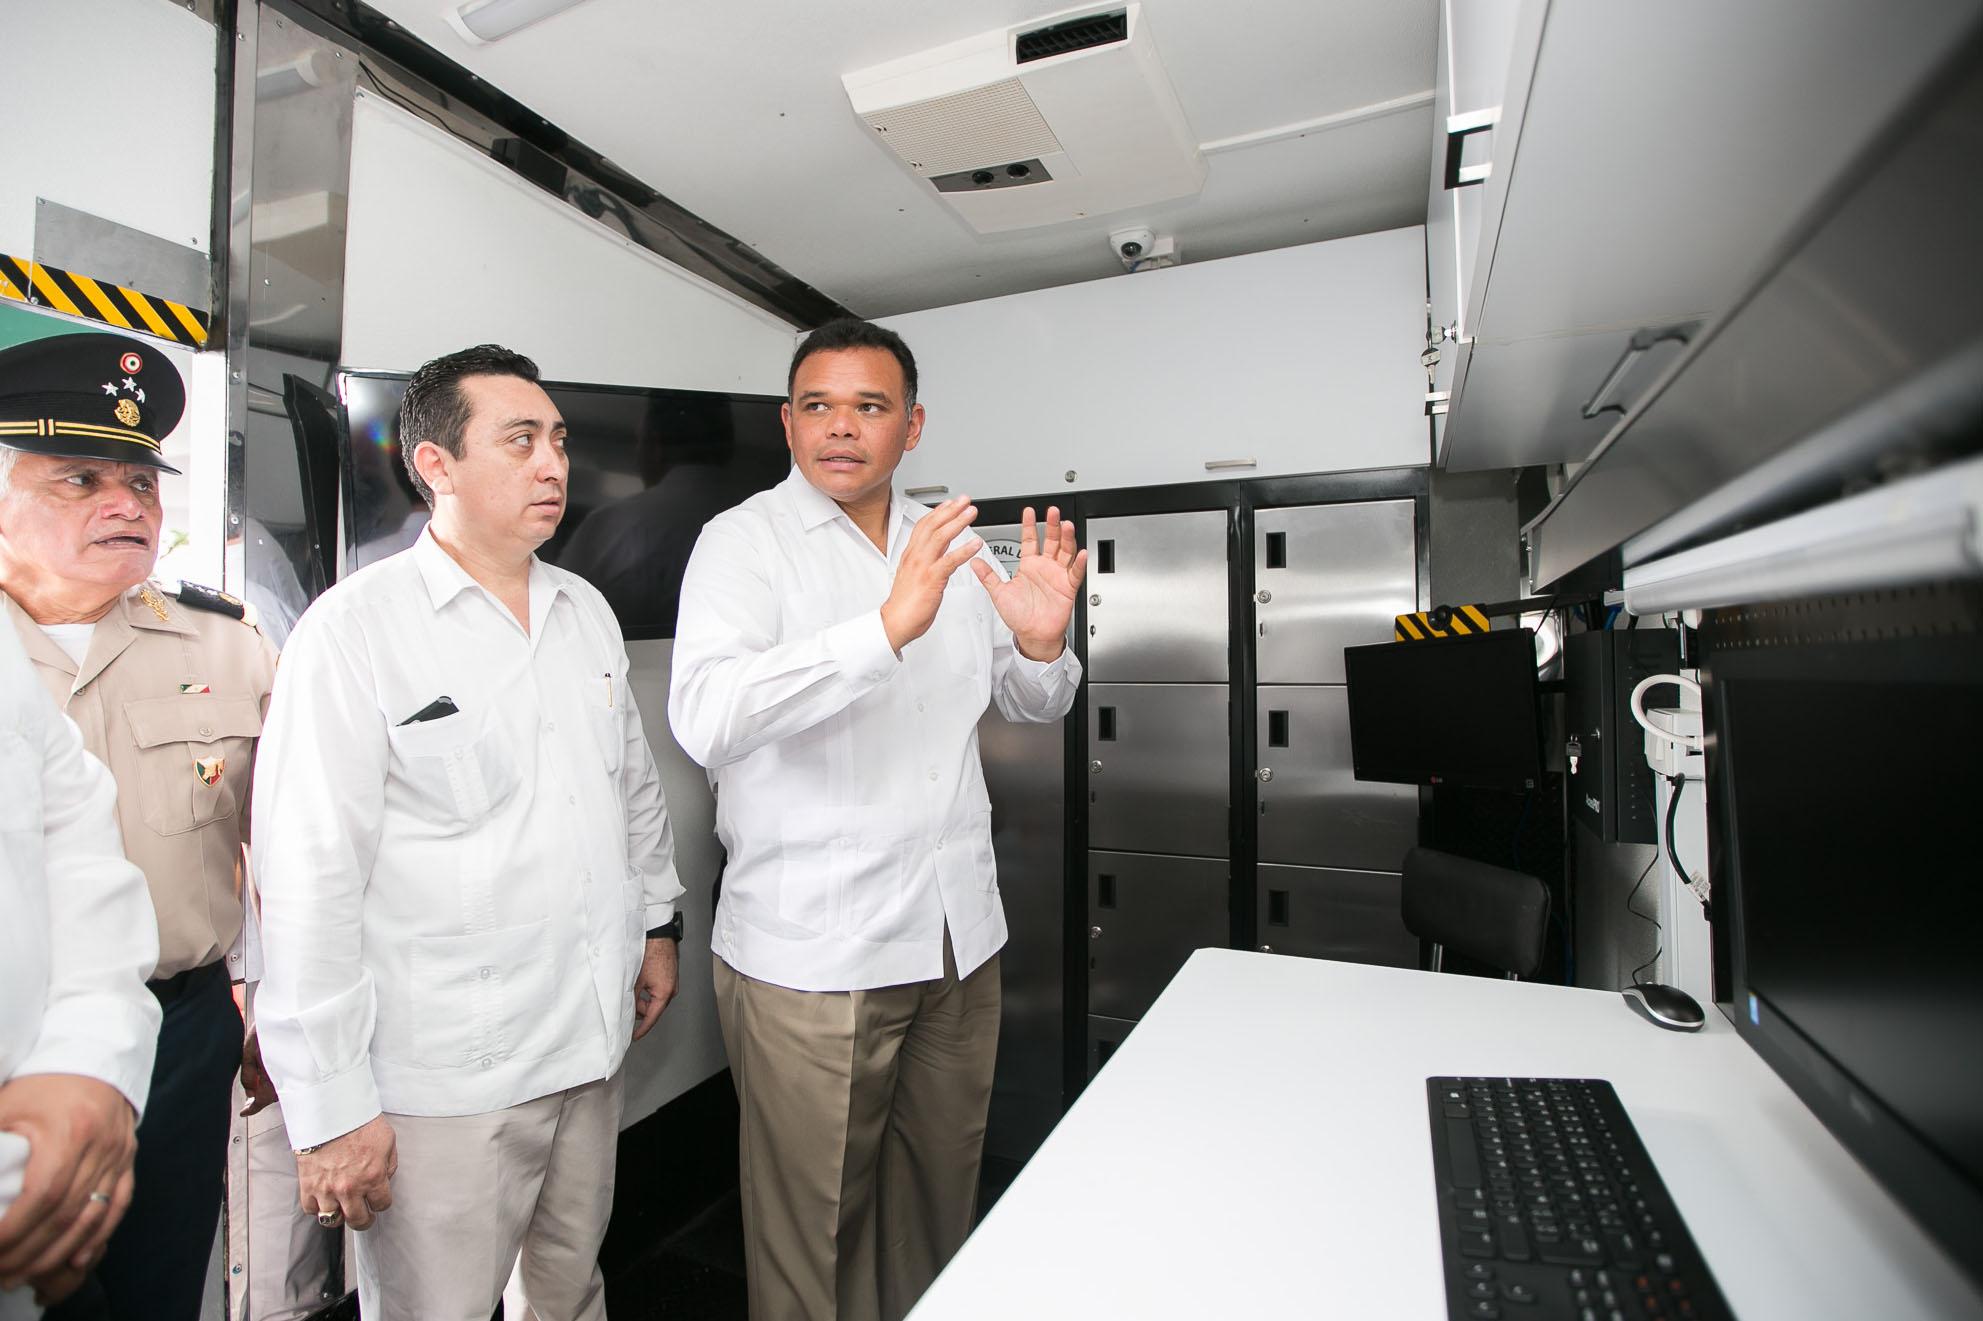 Moderno equipo técnico y científico para apoyar labores de investigación judicial